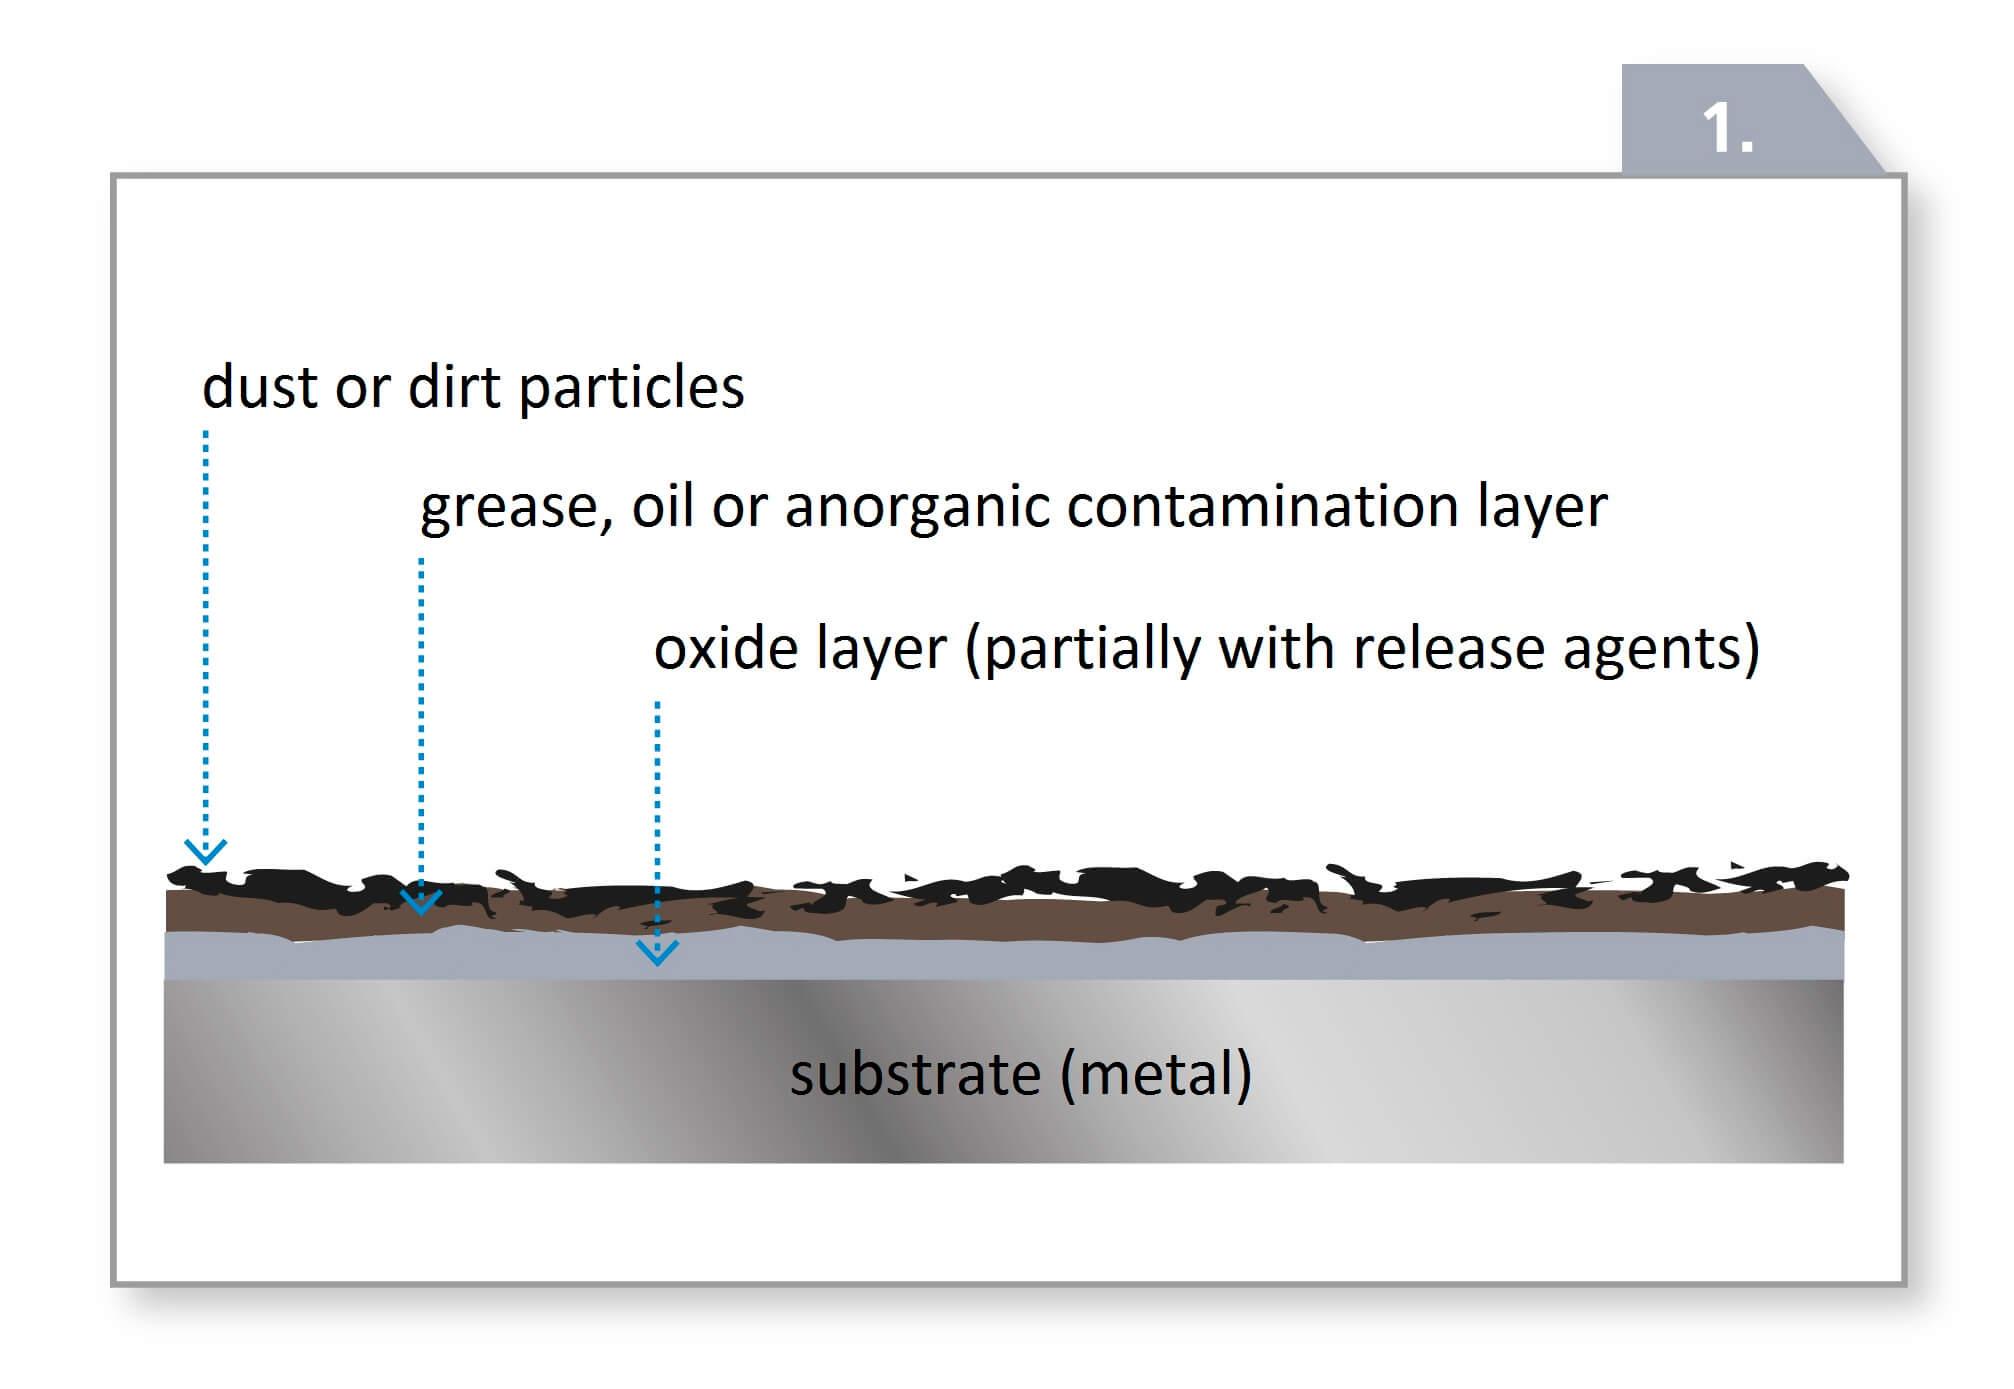 Schaubild einer kontaminierten Oberflaeche vor der Laserreinigung englisch